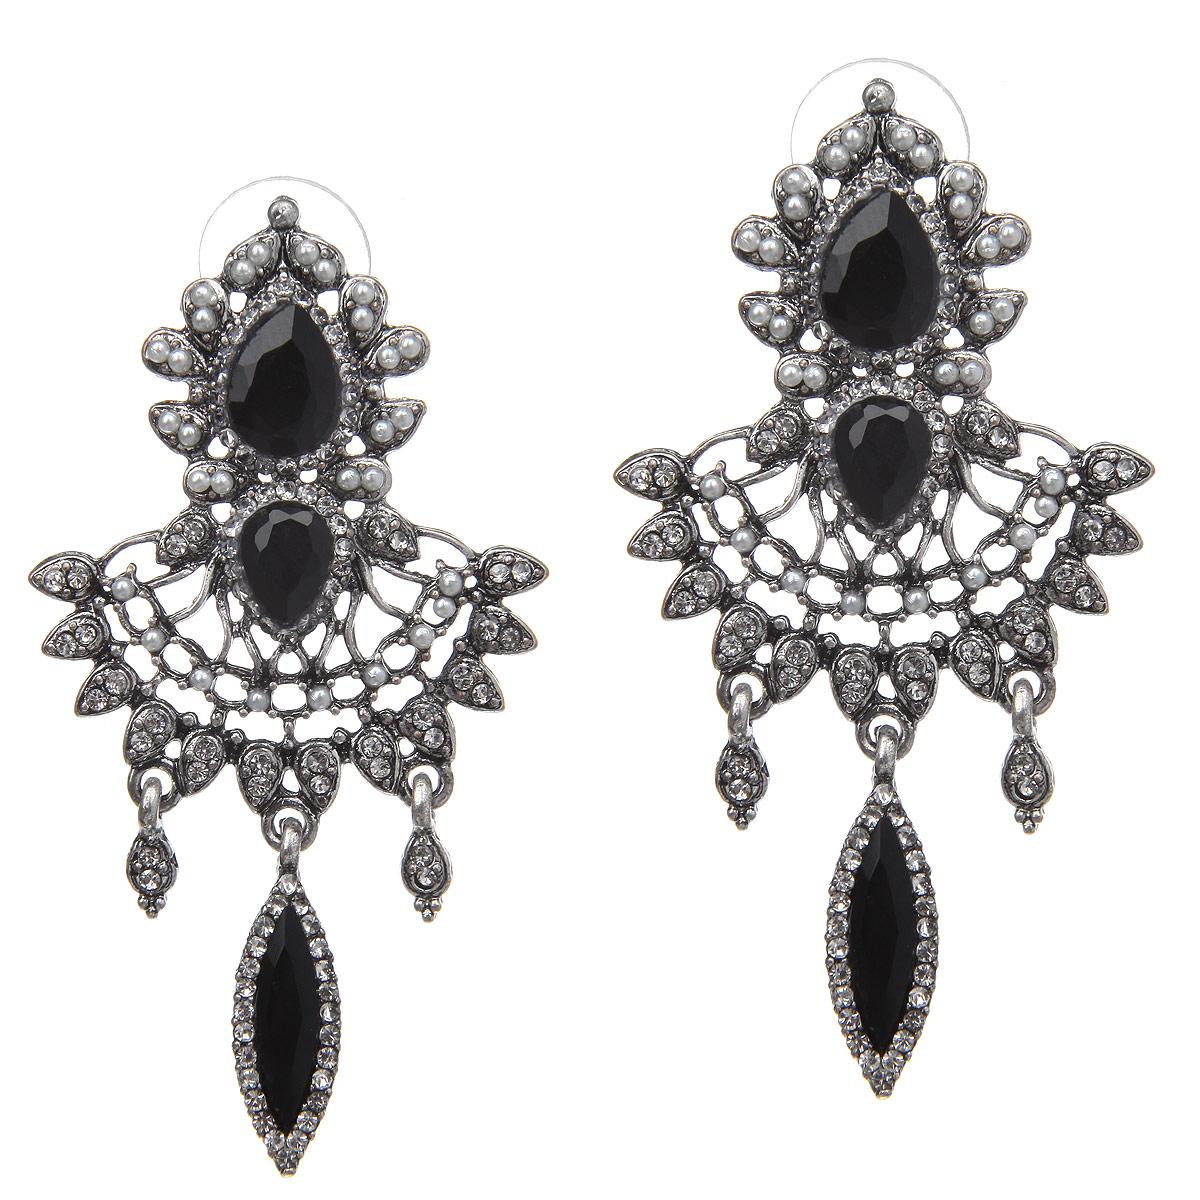 Серьги Taya, цвет: серебристый, черный. T-B-10086-EARR-SL.BLACKT-B-10086-EARR-SL.BLACKРоскошные серьги Taya изготовлены из гипоаллергенного ювелирного сплава на основе латуни. Сплав не содержит свинец и никель. Серьги выполнены в виде оригинальных подвесок инкрустированных стразами с крупными камнями посередине. Серьги застегиваются на замок-гвоздик. Красивое украшение блестяще подчеркнет изысканный вкус, женственность и красоту своей обладательницы и поможет внести разнообразие в привычный образ.